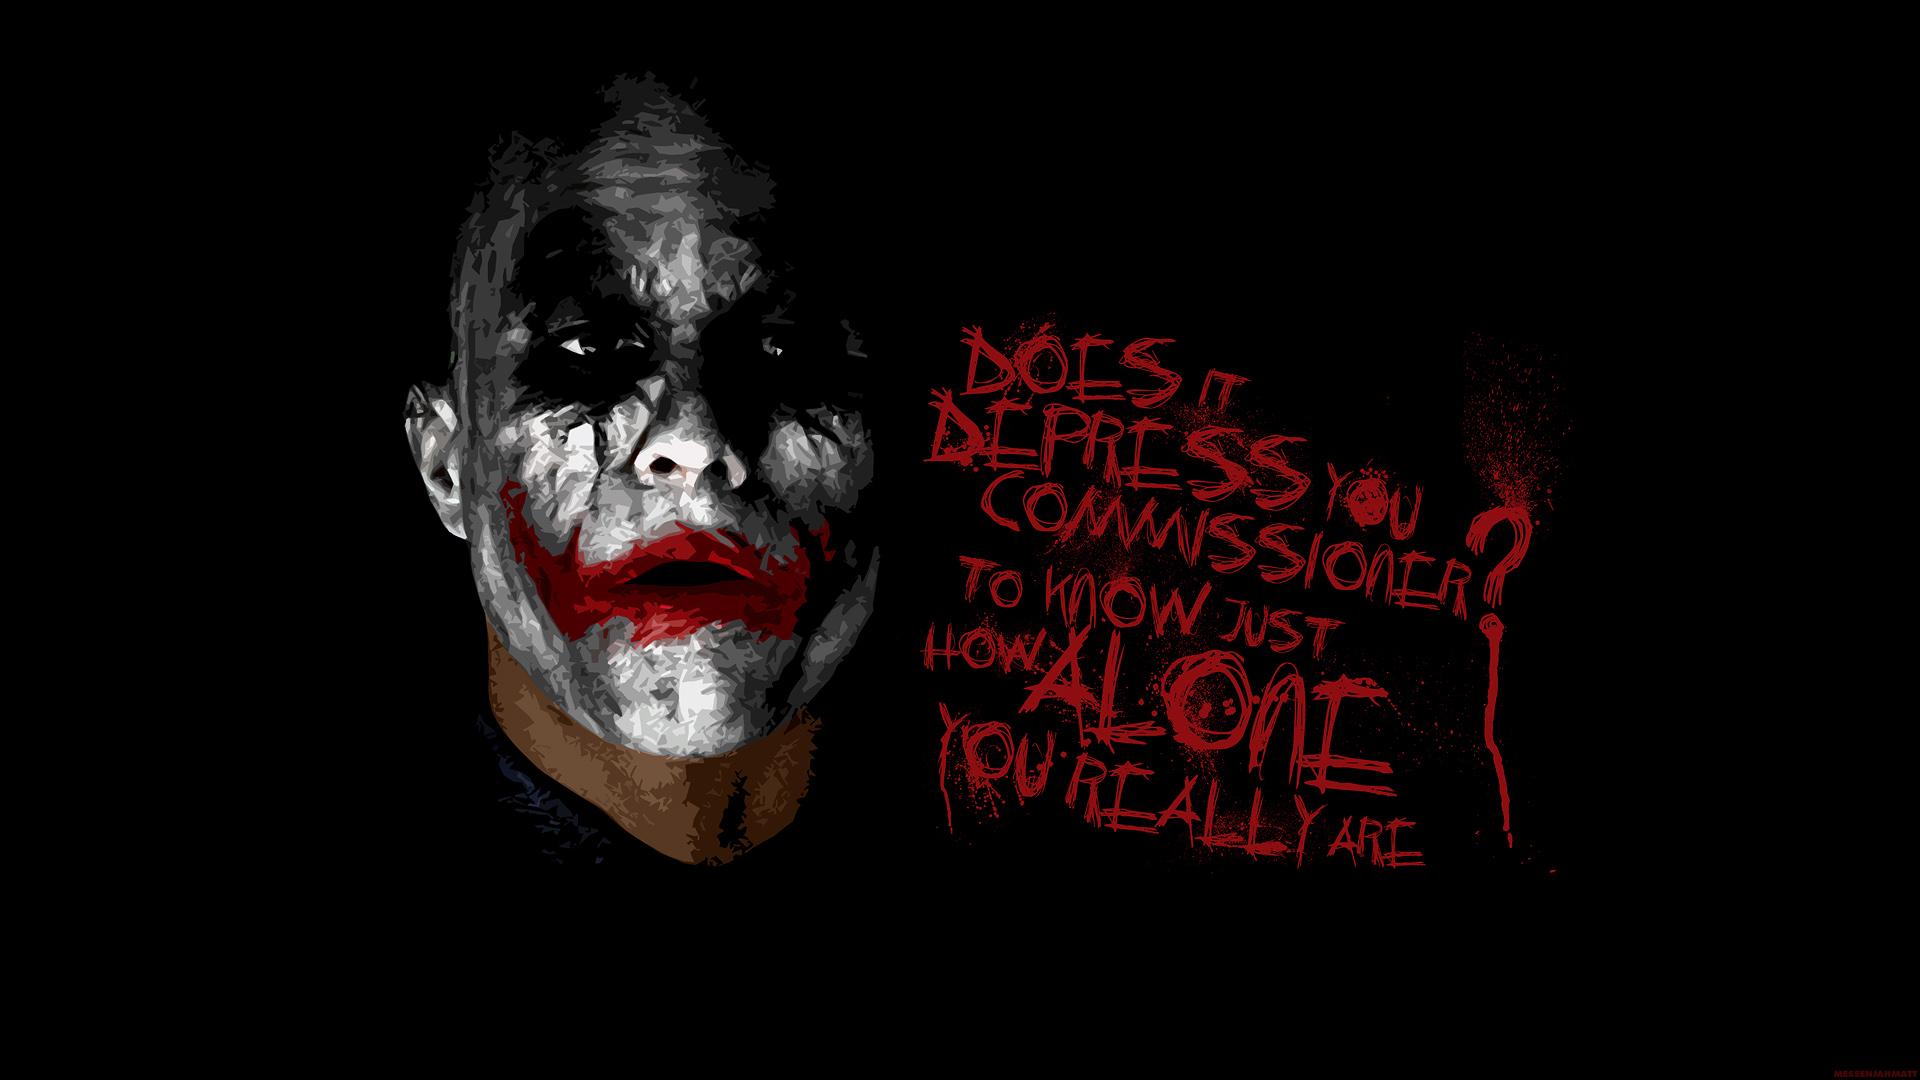 Joker Batman Wallpaper Images amp Pictures   Becuo 1920x1080